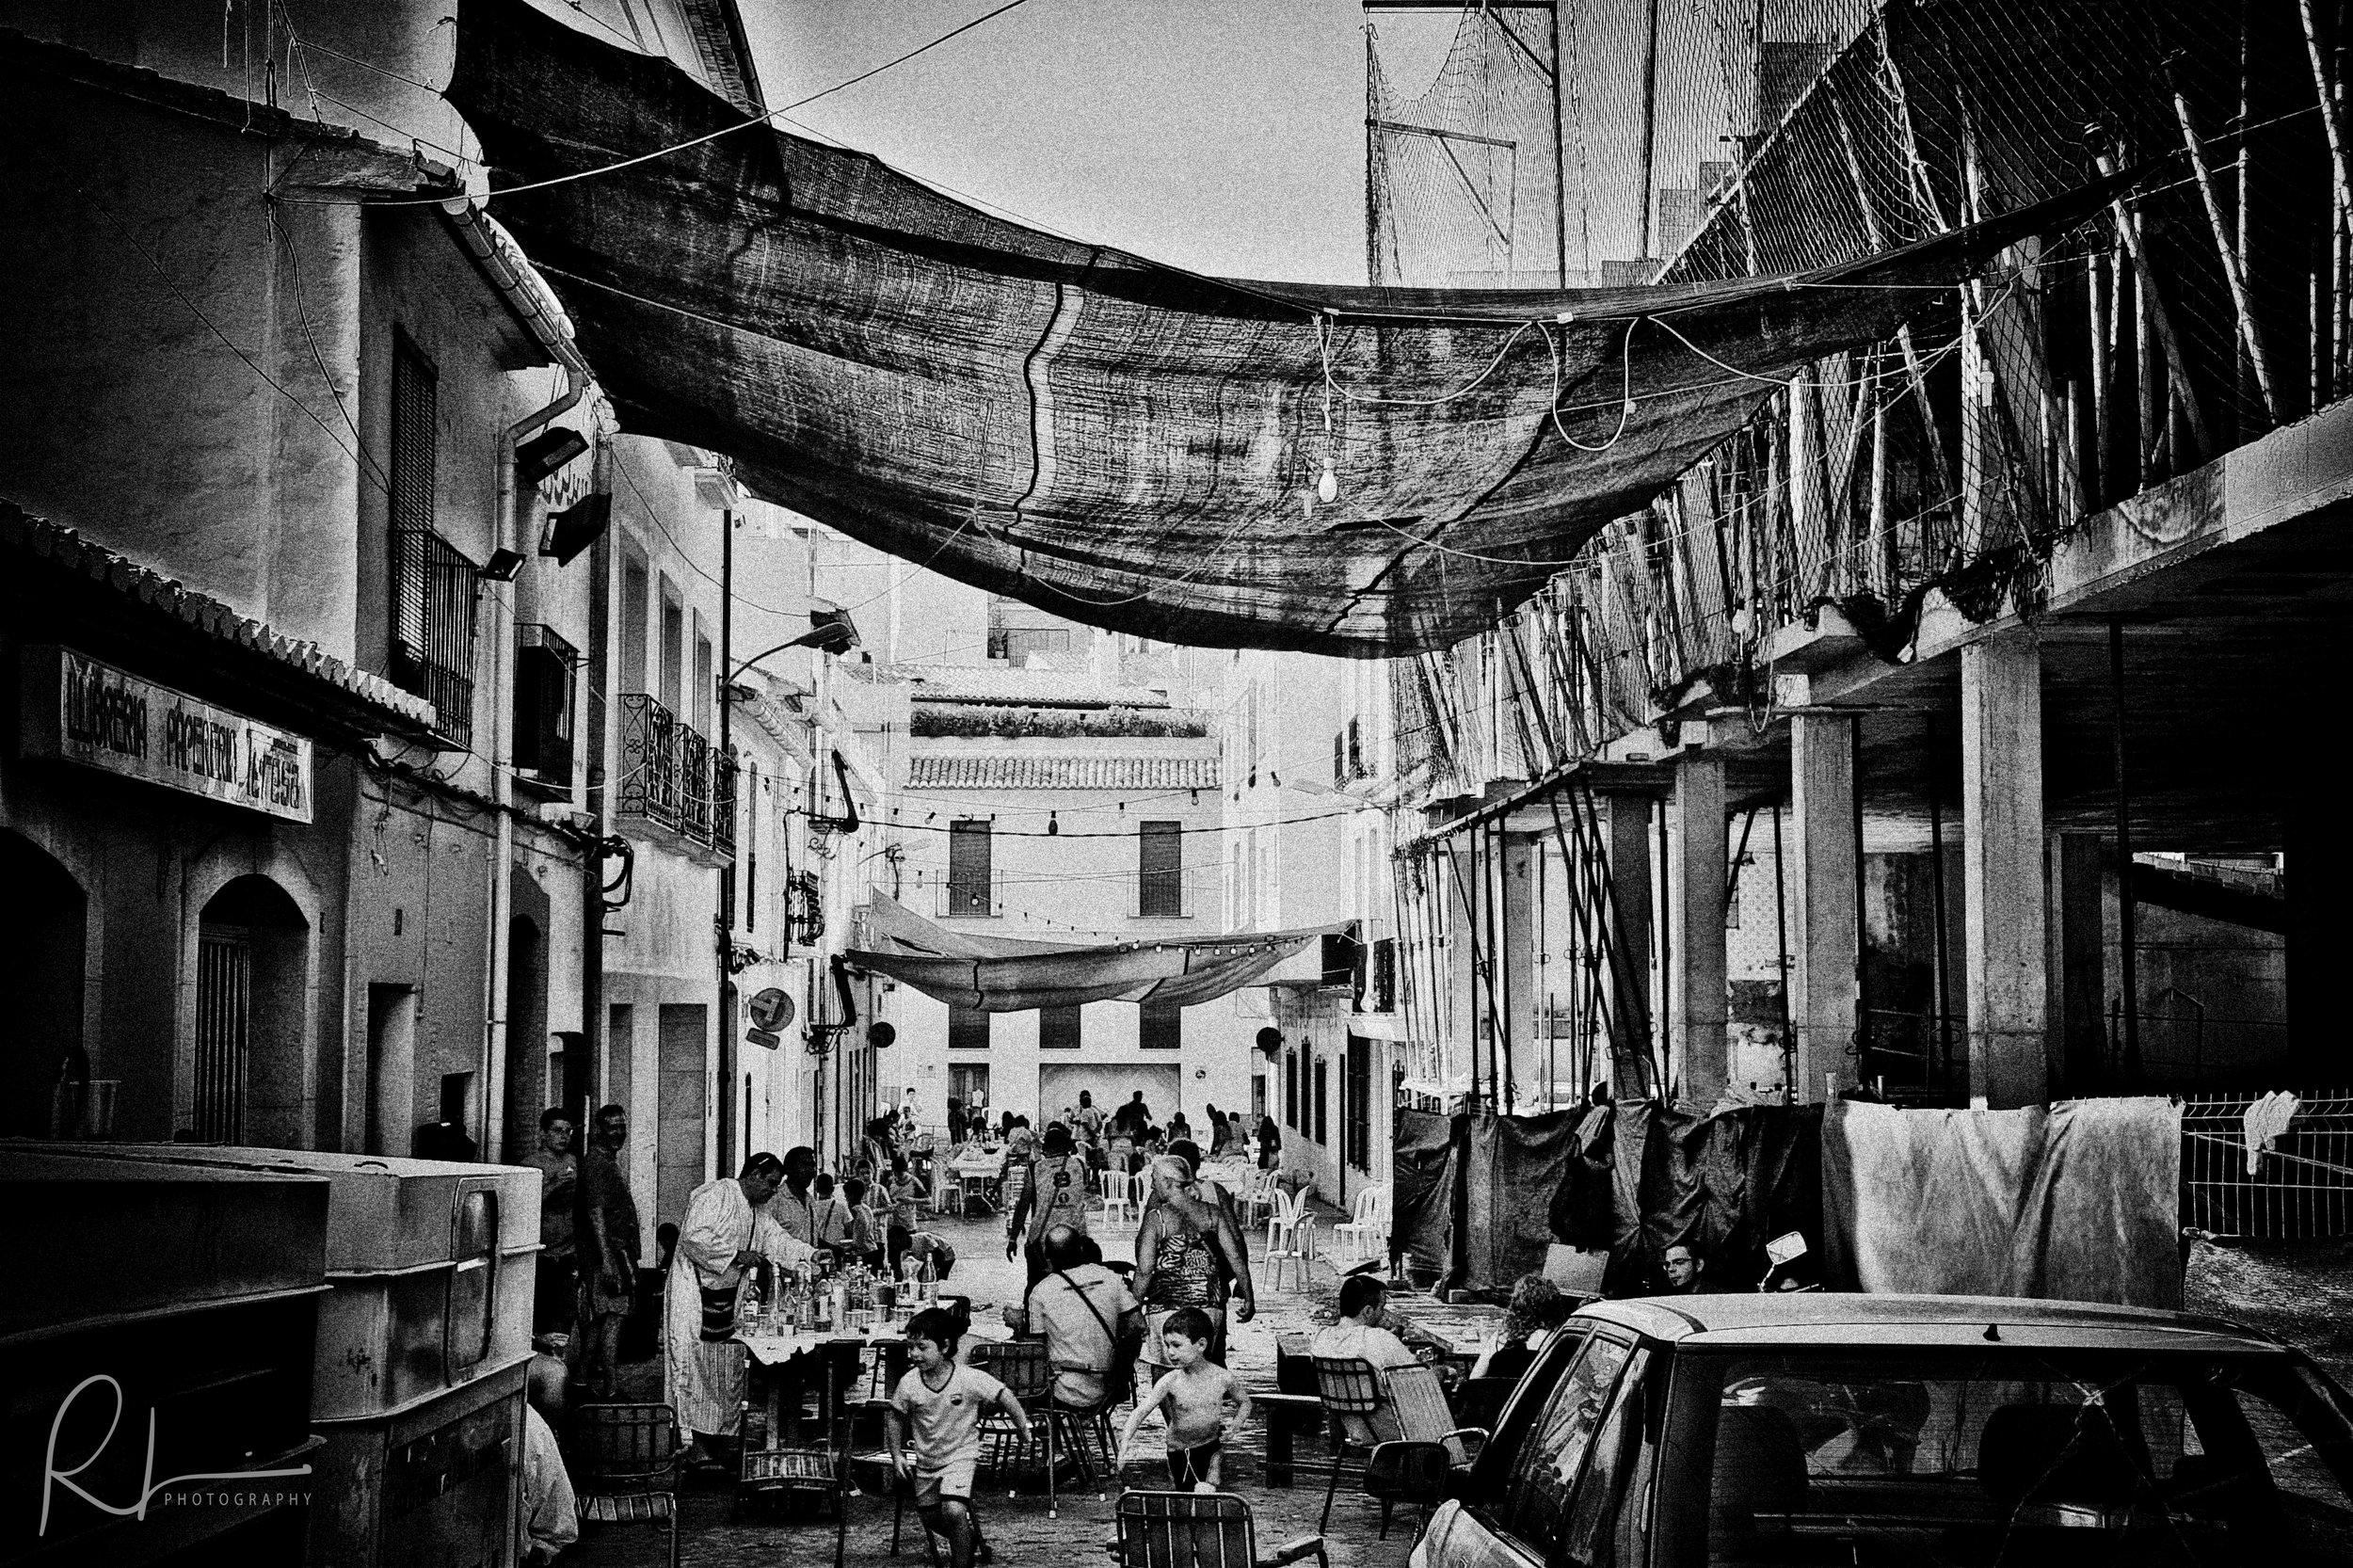 Benissa street scene